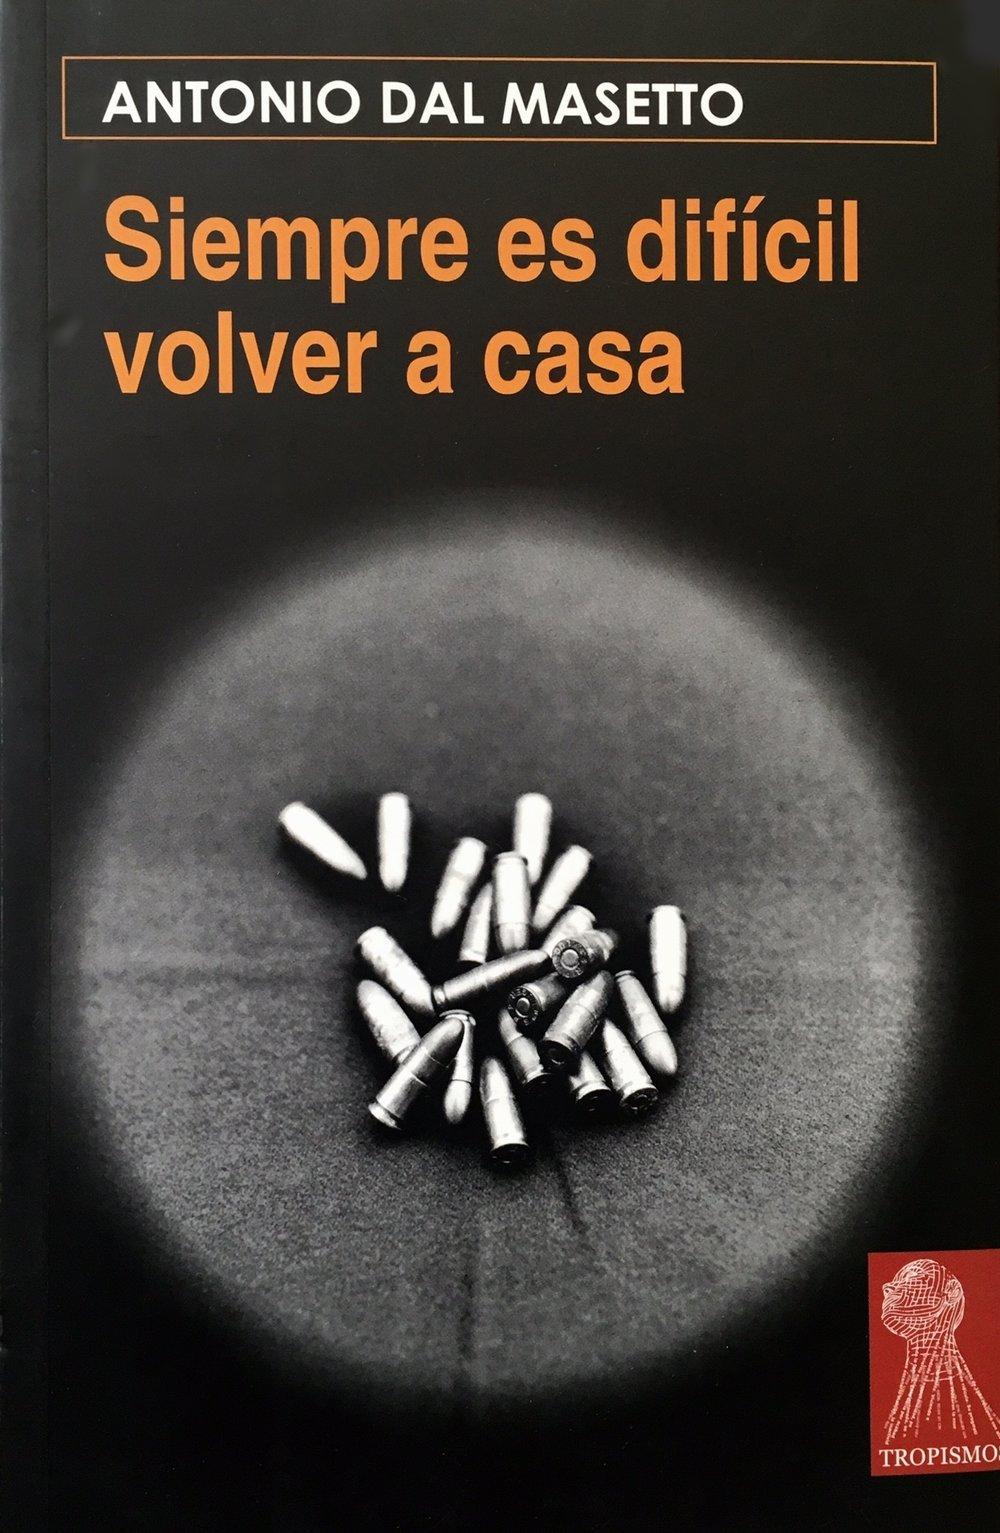 Antonio Dal Masetti, Siempre es difícil volver   a casa  Ediciones Témpora ISBN: 84-934068-5-6 Book cover: Milagros de la Torre